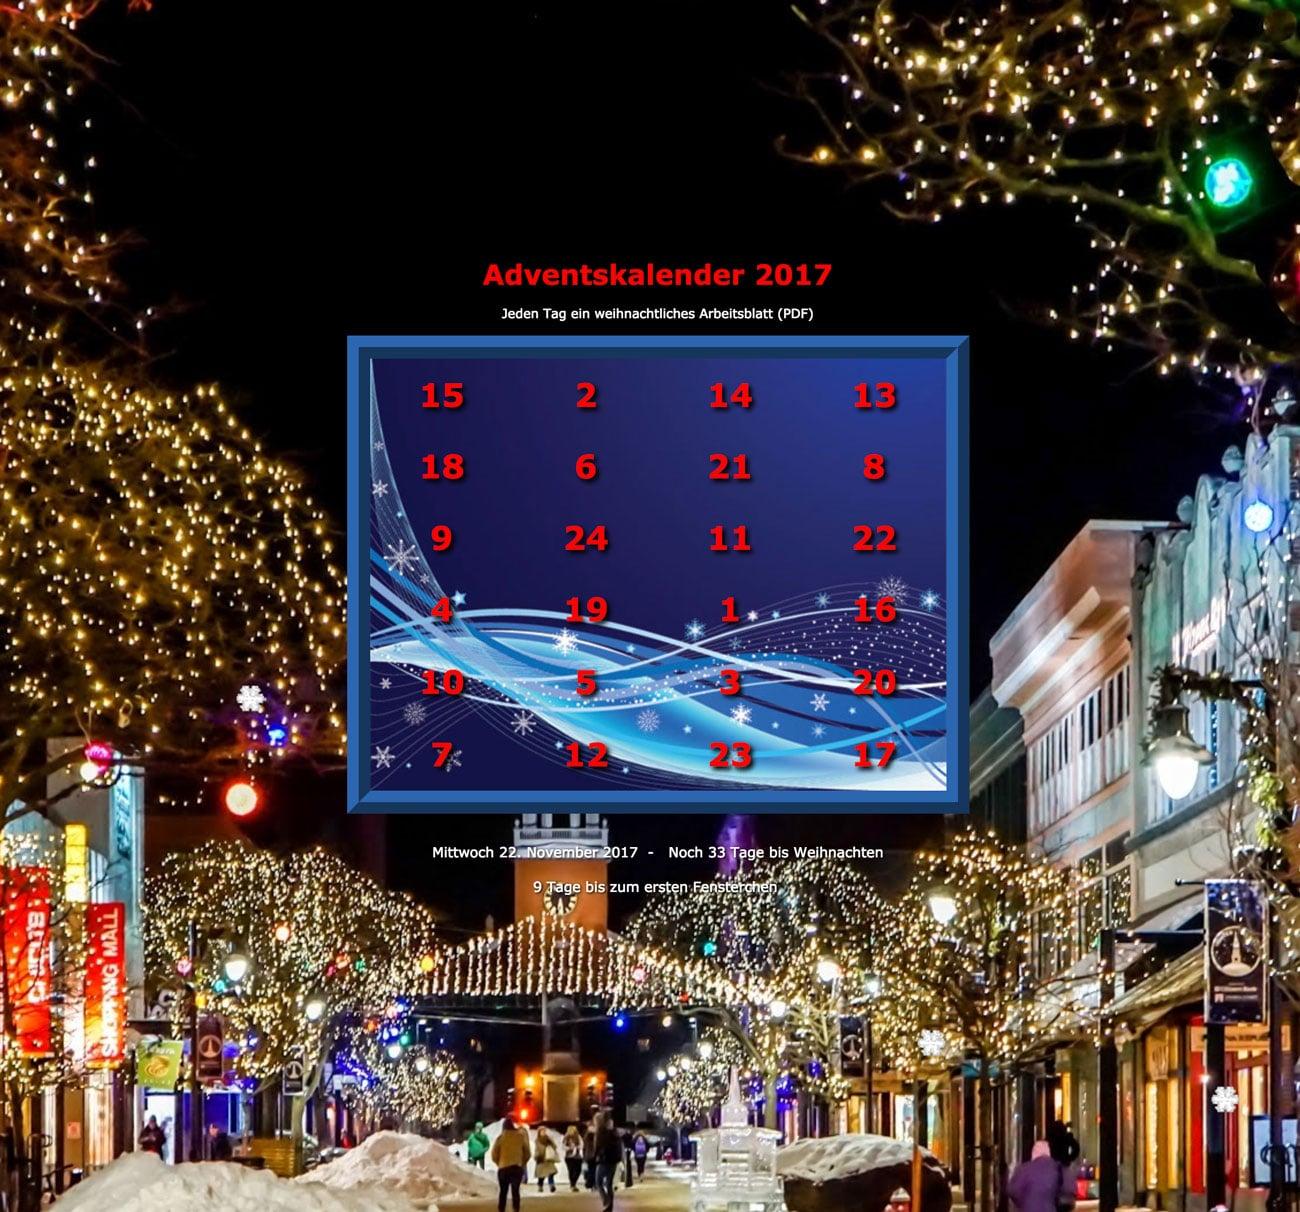 Adventkalender, Wahrnehmung, Aufmerksamkeit, AFS-Methode, Legasthenie, Legasthenietraining, EÖDL